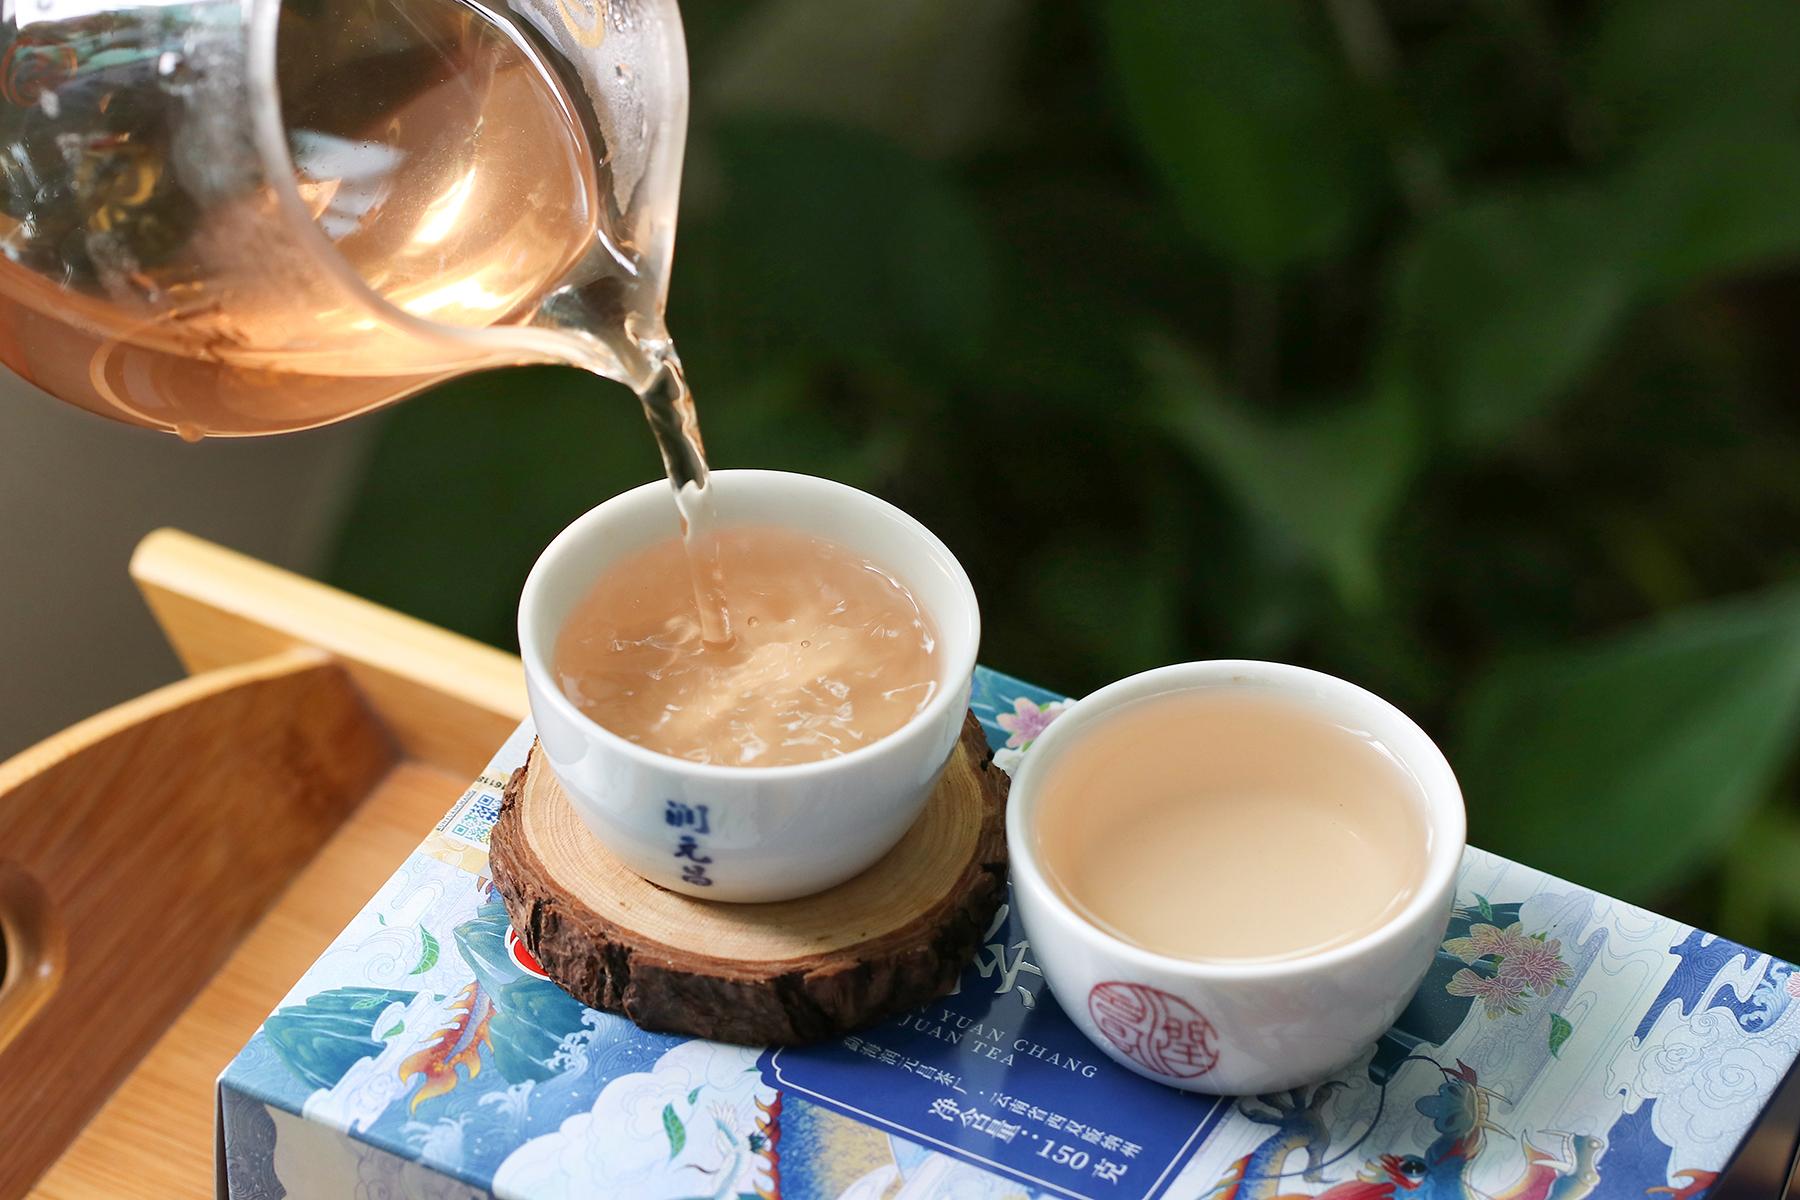 紫娟茶冲泡方法